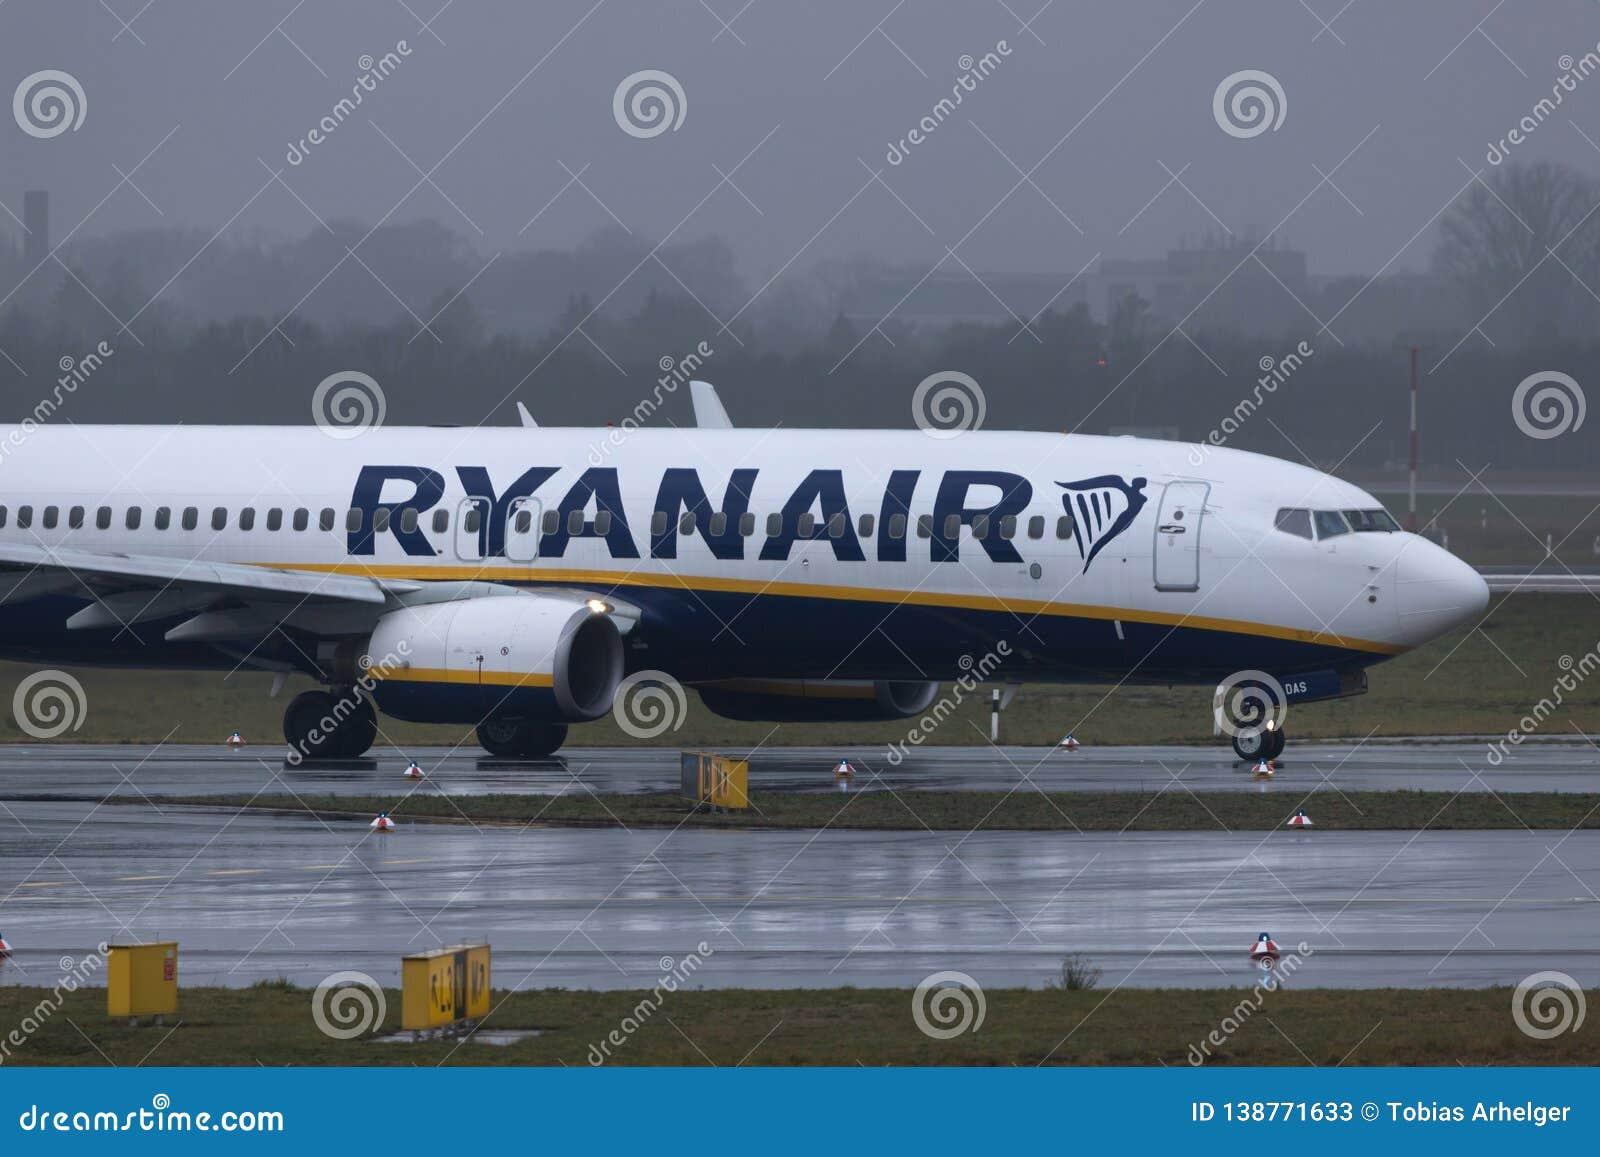 Dusseldorf, nrw/Alemanha - 11 01 19: avião de ryanair no aeroporto Alemanha de dusseldorf na chuva